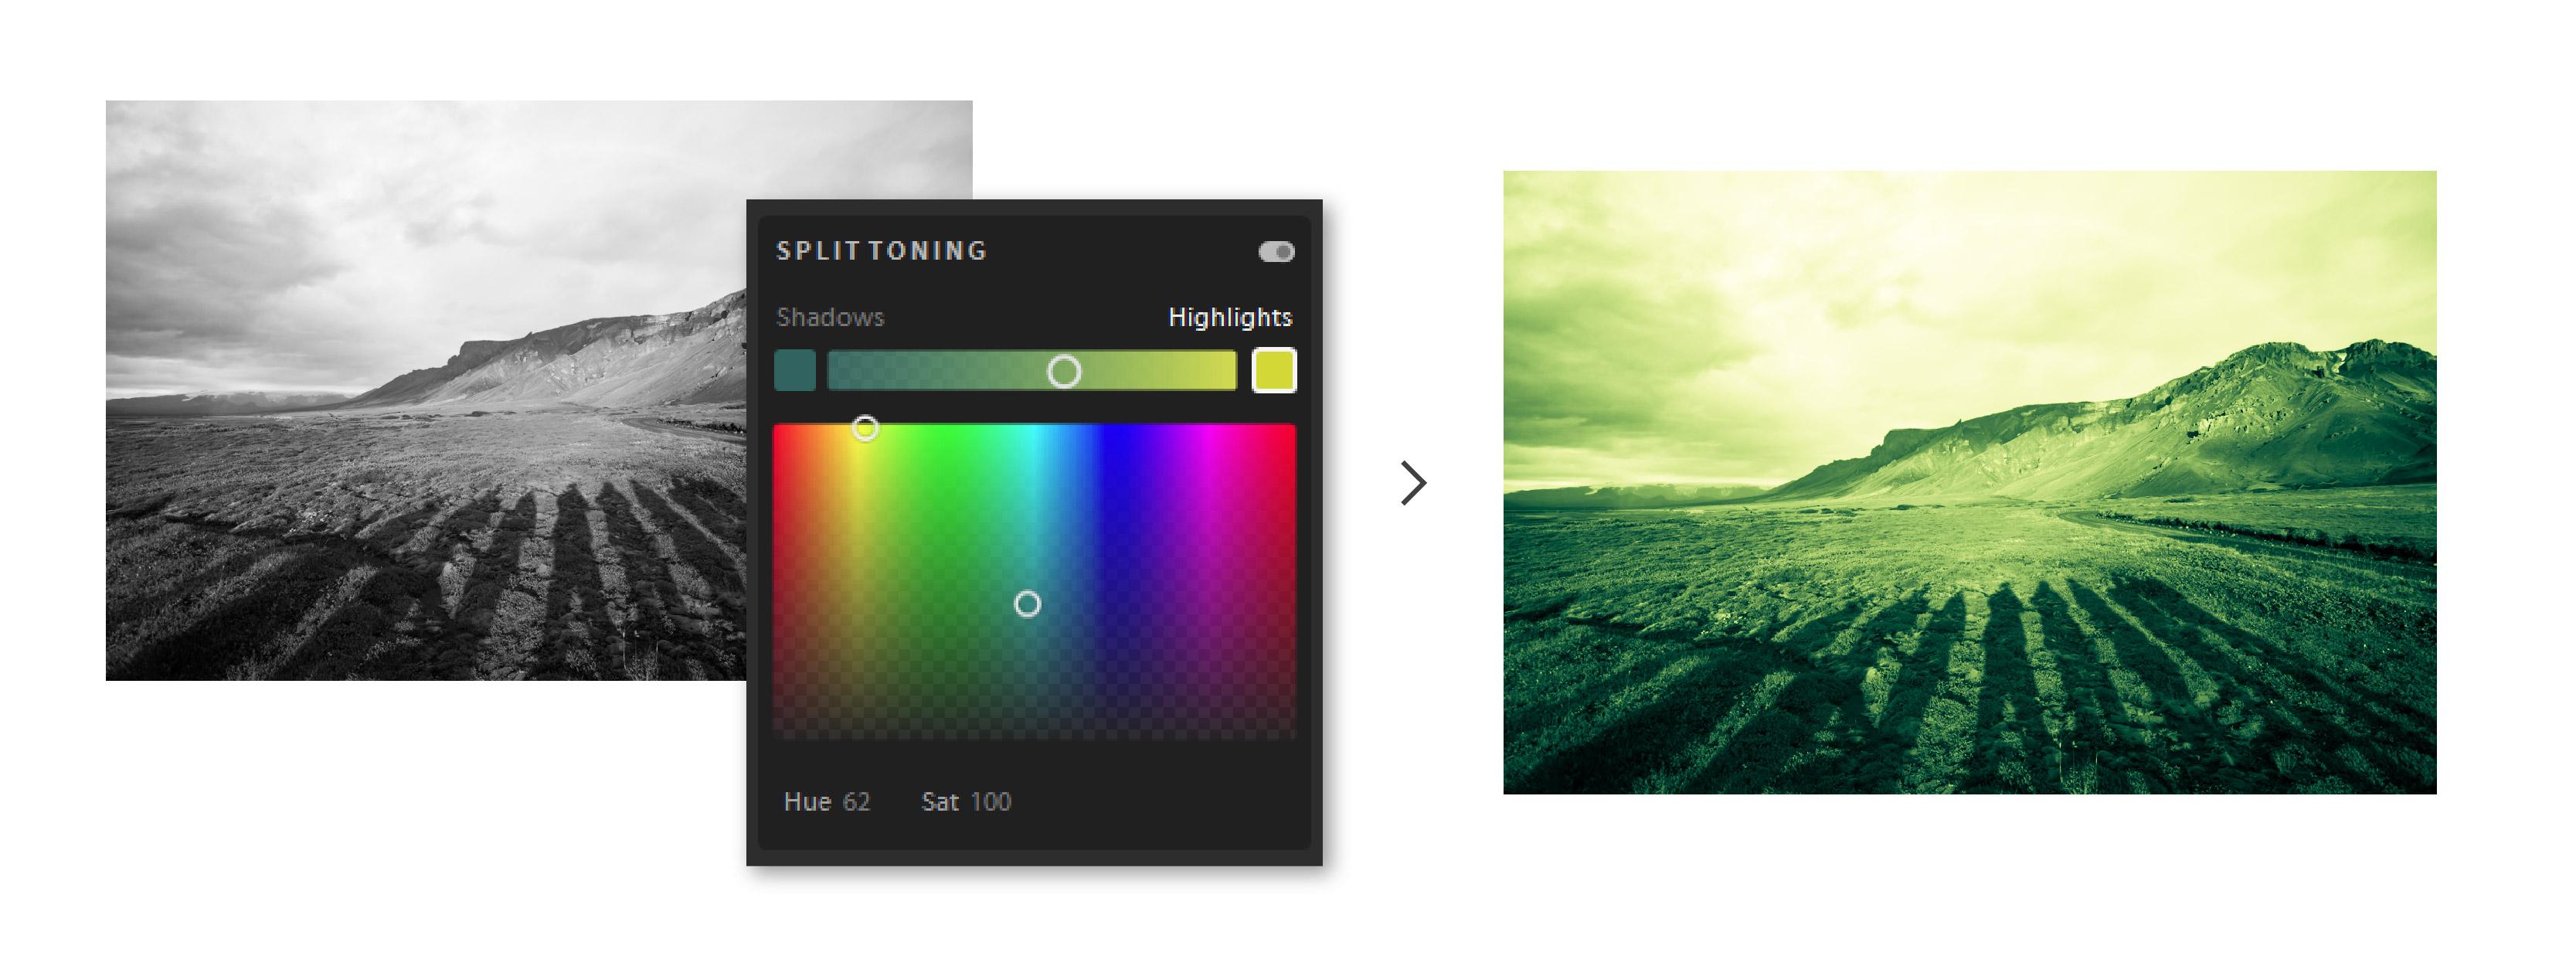 Adobe releases Lightroom CC v1 1 for desktop : GraphicSpeak